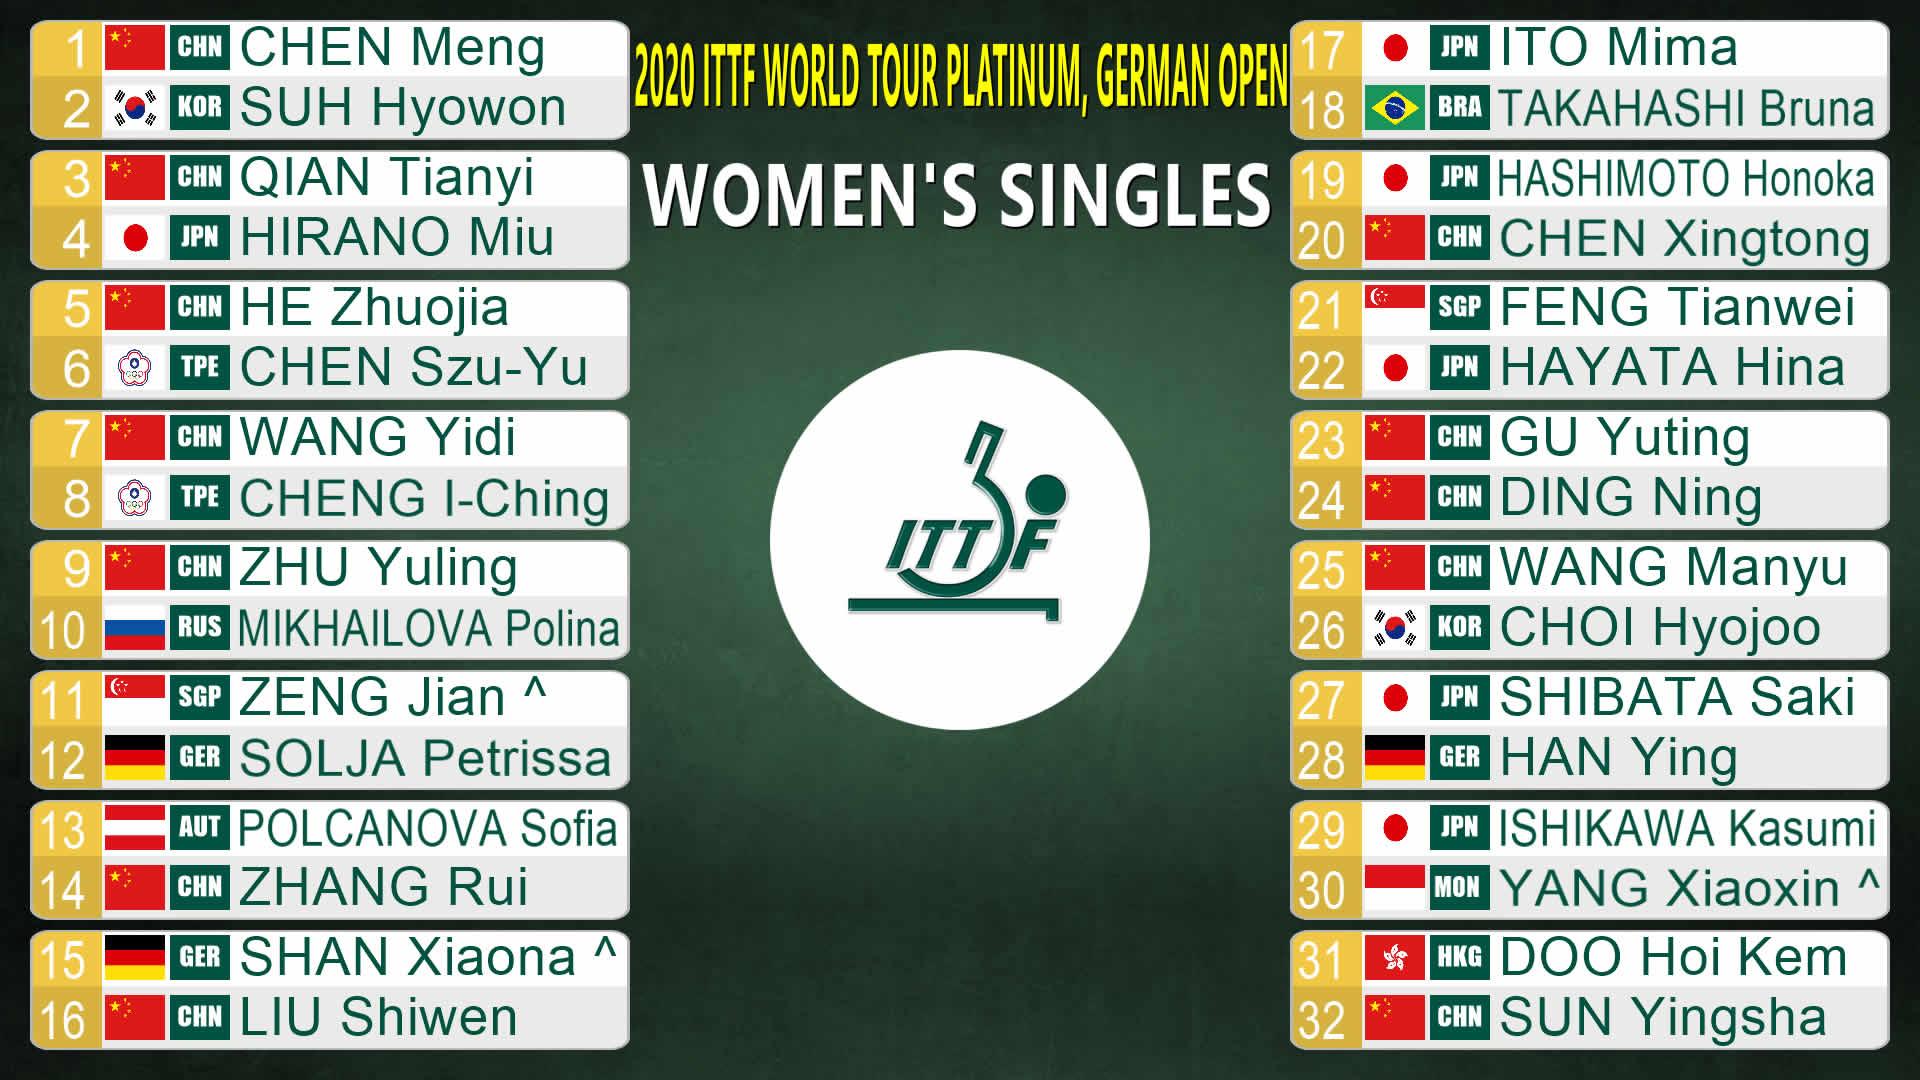 ドイツオープン女子シングルス